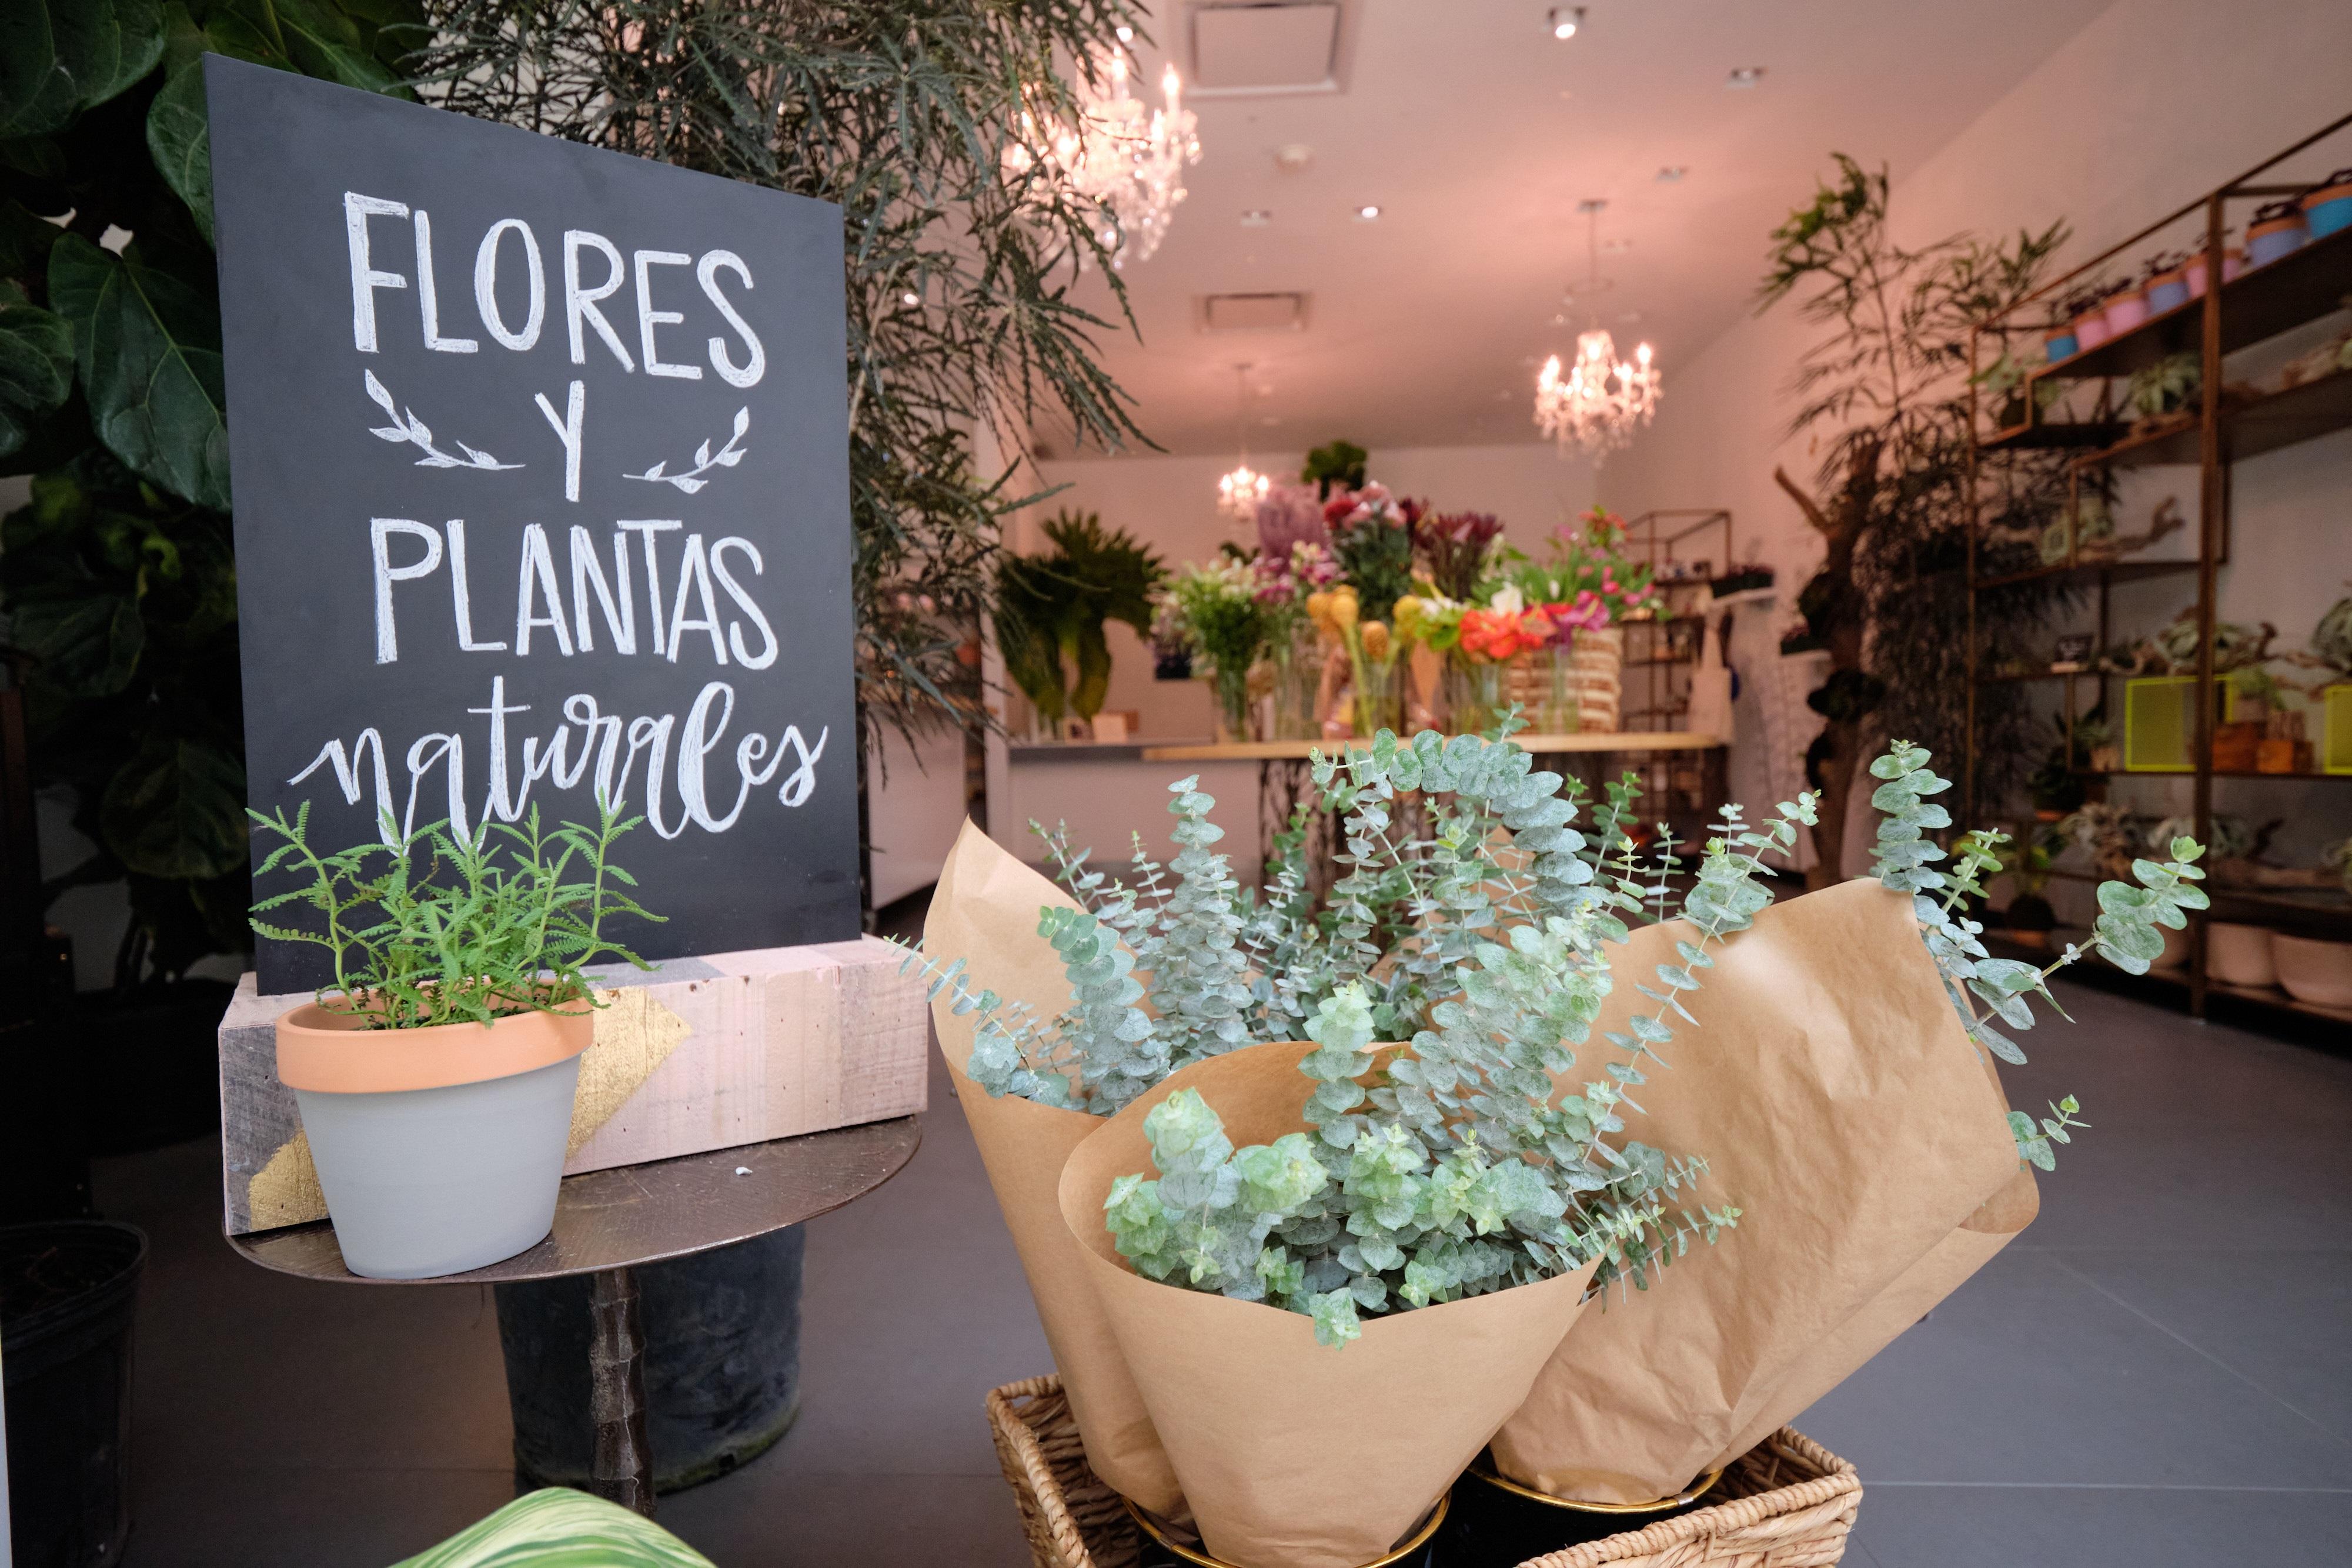 Ve a la segura – Si tienes dudas en qué regalas, un arreglo de flores es esa opción infalible. especial. Consigue desde plantas naturales hasta un arreglo floral en The Flowers Culture, en The Mall of San Juan. (Suministrada)